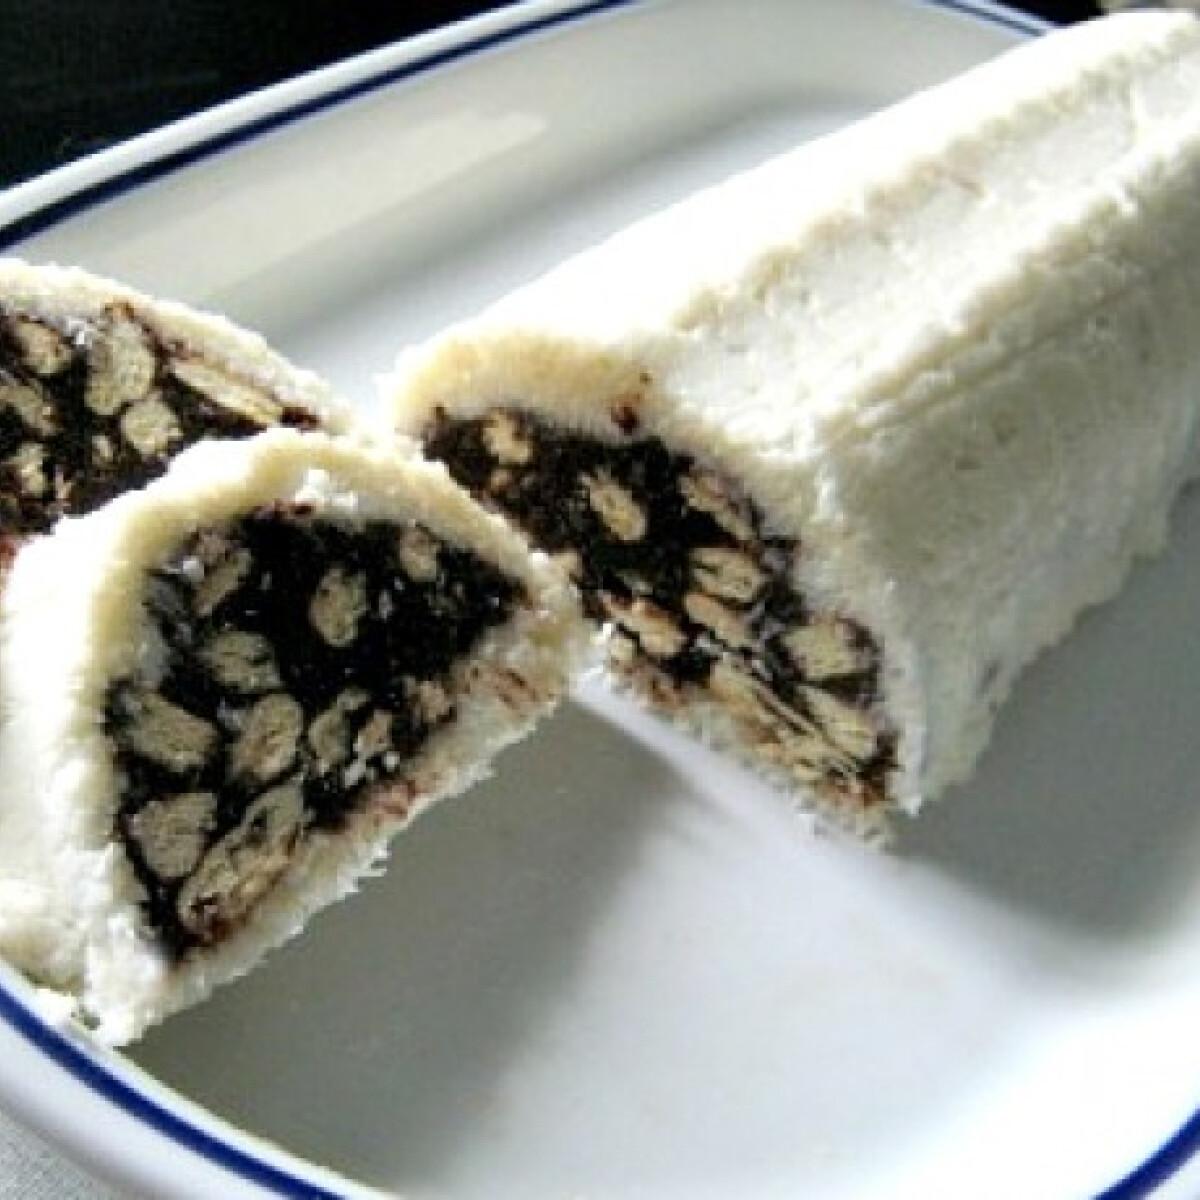 Kókuszba töltött keksz őzgerinc